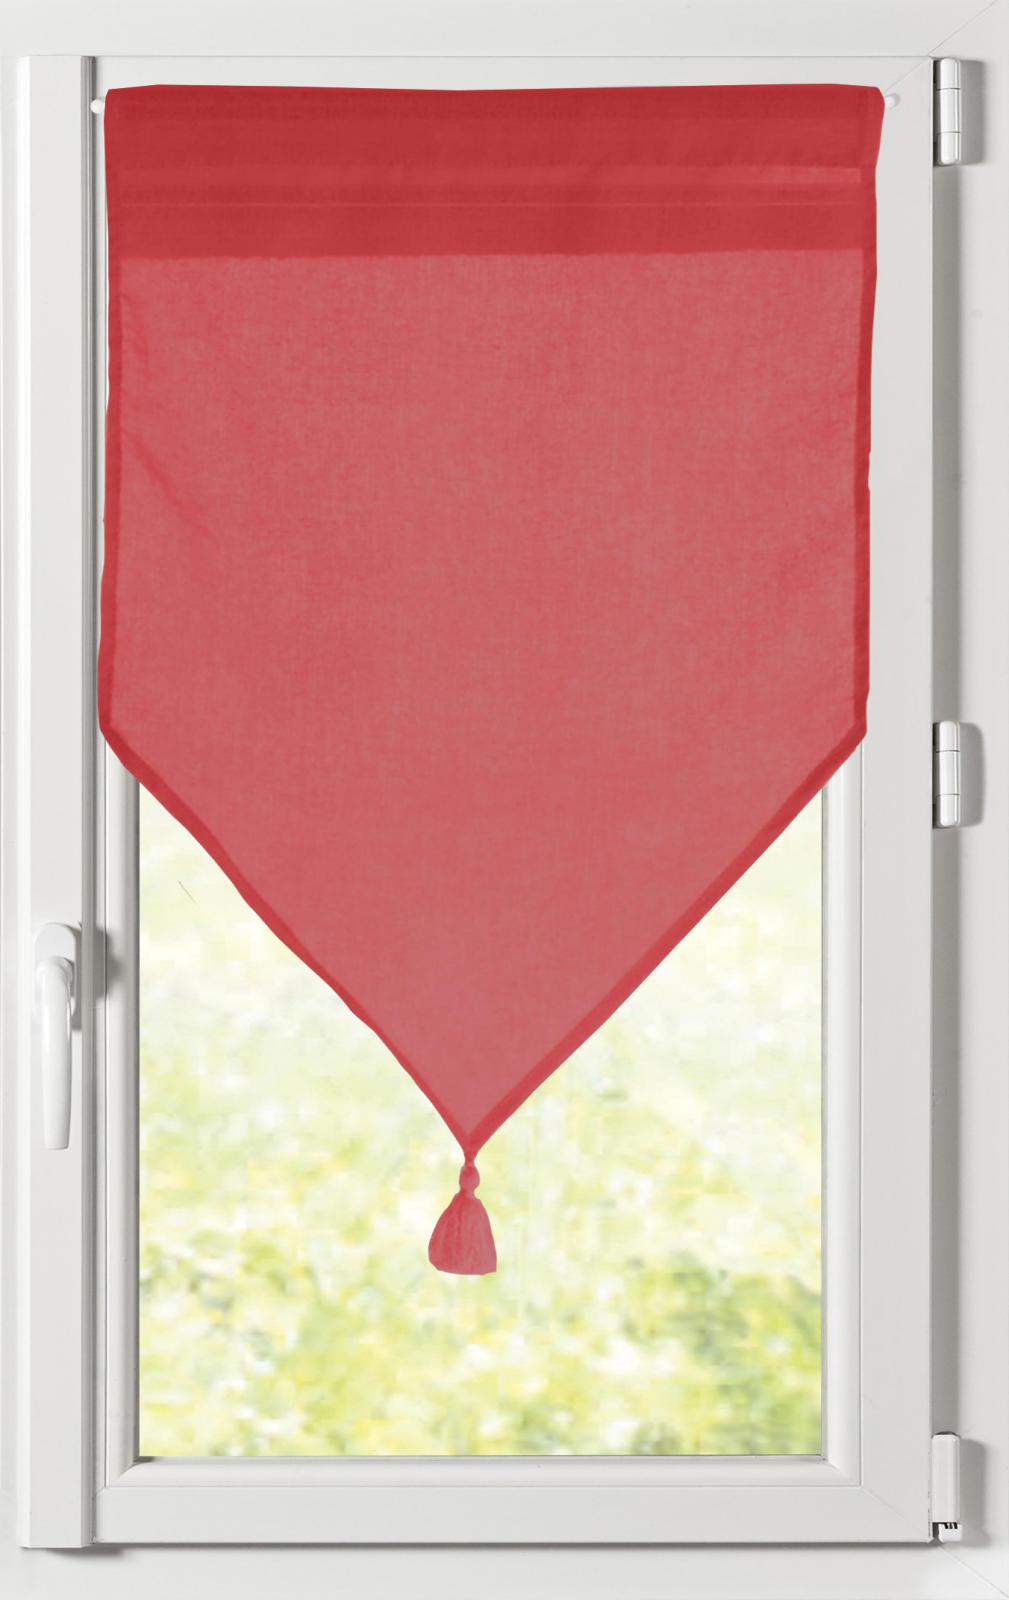 paire de brise bise unie avec 16 coloris rouge. Black Bedroom Furniture Sets. Home Design Ideas